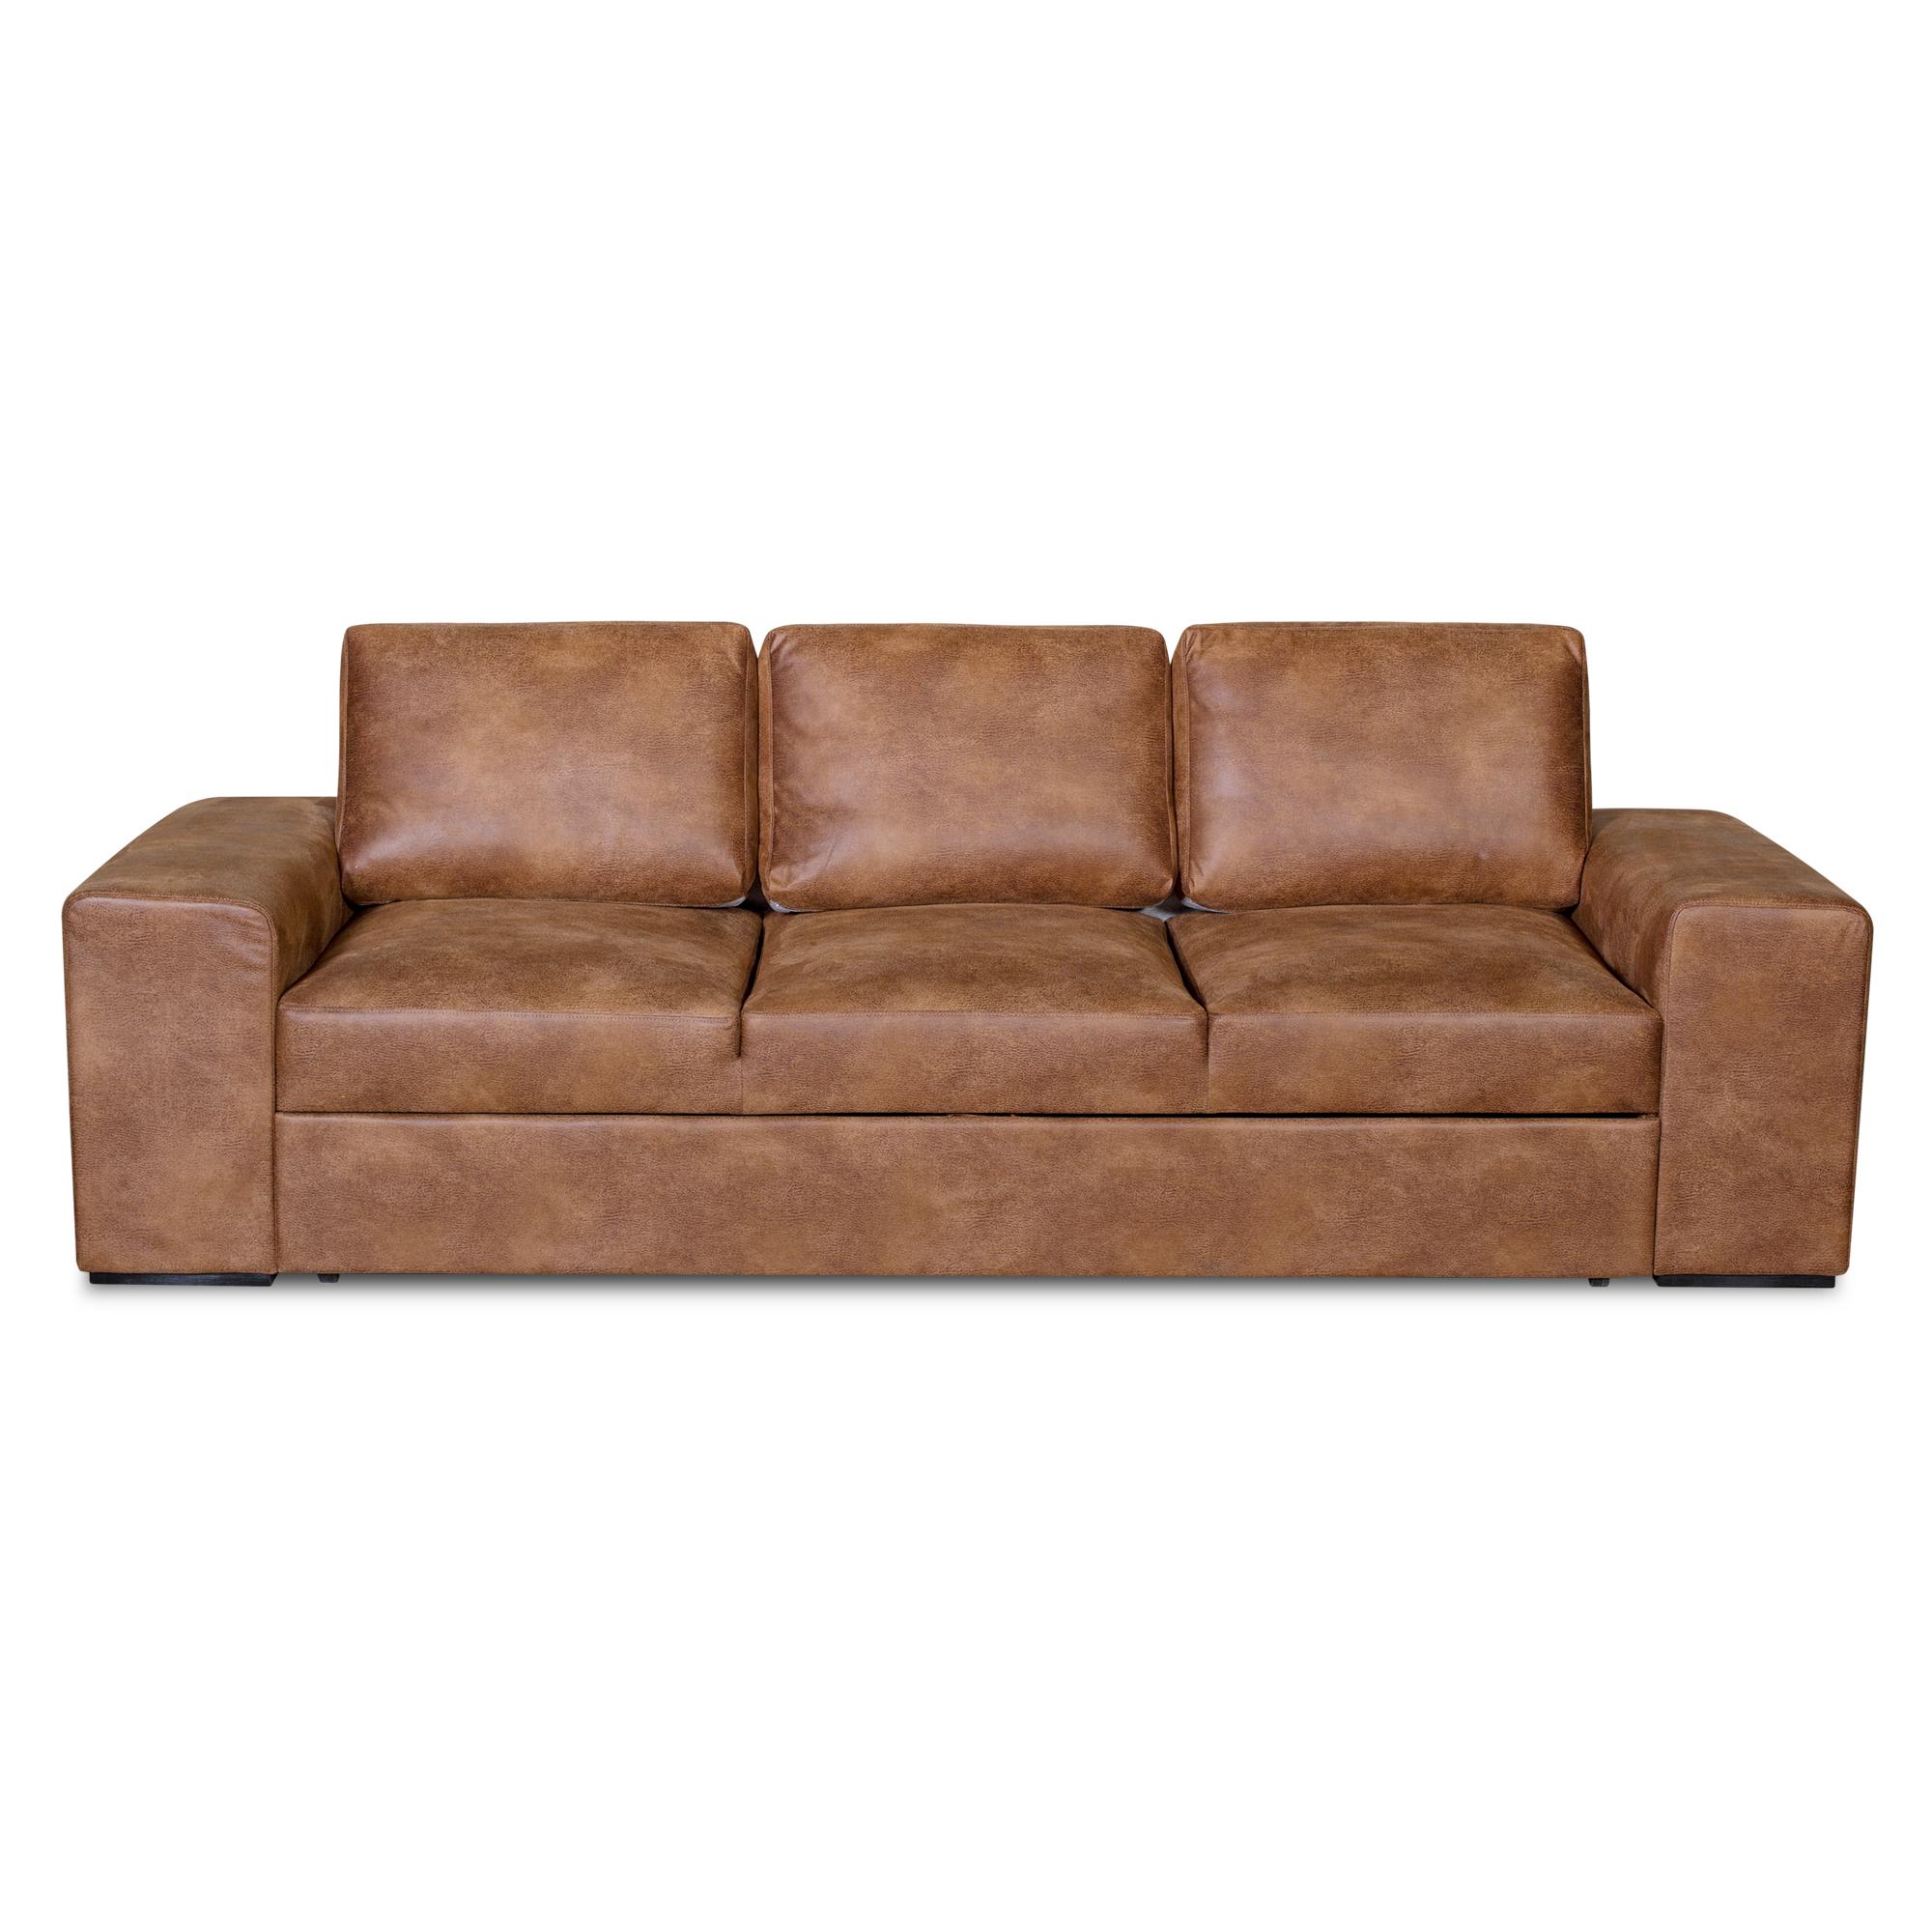 Диван-кровать ЛарвикКожаные диваны<br>Диван Ларвик - это ортопедический диван с улучшенным механизмом трансформации дельфин. В наполнении используются поролоновая крошка, пружинный блок, полиуретановая пена. Данная модель оснащена  ящиком для хранения, а это большой плюс. С диваном Ларвик всегда много места.&amp;amp;nbsp;&amp;lt;div&amp;gt;&amp;lt;br&amp;gt;&amp;lt;/div&amp;gt;&amp;lt;div&amp;gt;Каркас (комбинации дерева, фанеры и ЛДСП).&amp;amp;nbsp;&amp;lt;/div&amp;gt;&amp;lt;div&amp;gt;Для сидячих подушек используют пену различной плотности, а также перо и силиконовое волокно.&amp;amp;nbsp;&amp;lt;/div&amp;gt;&amp;lt;div&amp;gt;Для задних подушек есть пять видов наполнения: пена, измельченая пена, пена высокой эластичности, силиконовые волокно.&amp;amp;nbsp;&amp;lt;/div&amp;gt;&amp;lt;div&amp;gt;Материал обивки: Texas Caramel 16.&amp;amp;nbsp;&amp;lt;/div&amp;gt;&amp;lt;div&amp;gt;Механизм трансформации - дельфин.&amp;amp;nbsp;&amp;lt;/div&amp;gt;&amp;lt;div&amp;gt;Спальное место - 190*126.&amp;amp;nbsp;&amp;lt;/div&amp;gt;<br><br>Material: Кожа<br>Width см: 252<br>Depth см: 86<br>Height см: 88